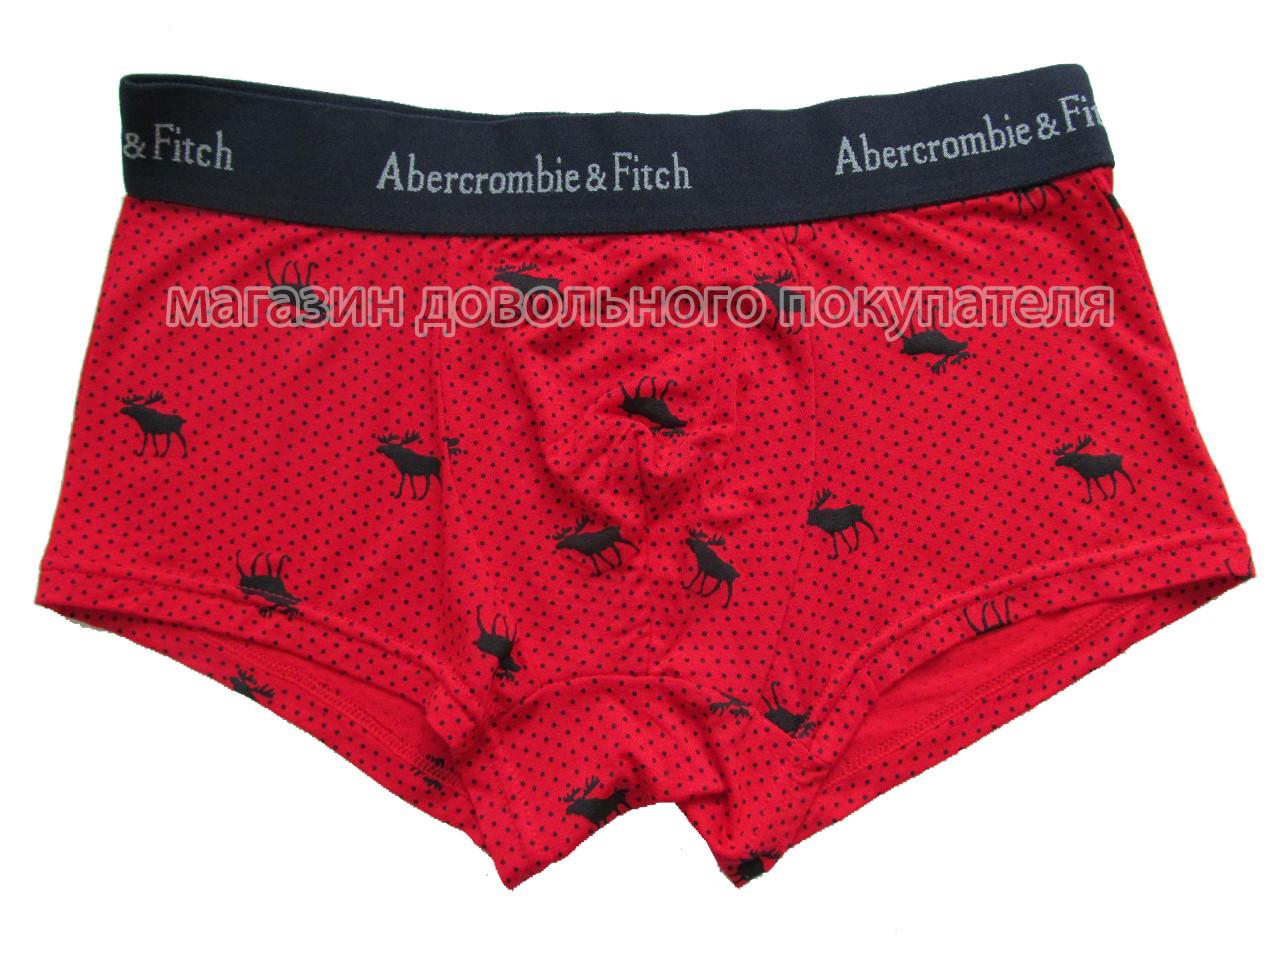 6540ca2c79d33 Мужские трусы хипсы Abercrombie&Fitch (реплика) красные - Магазин  Довольного Покупателя:) в Харькове